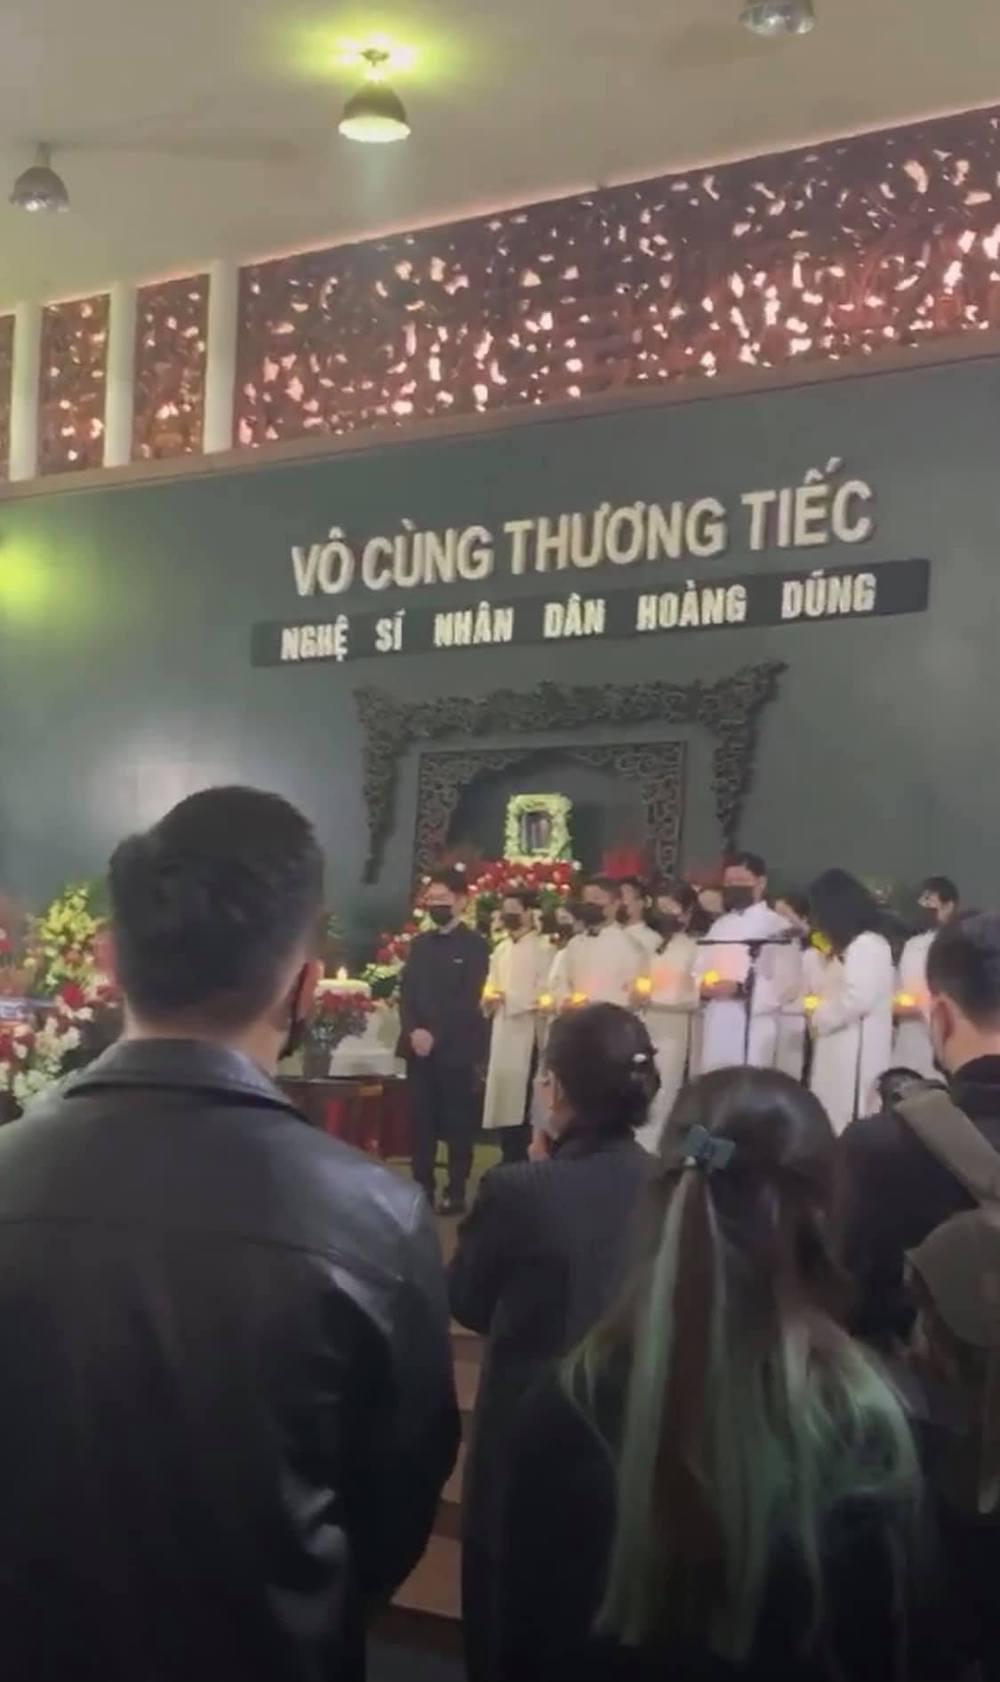 Lễ viếng NSND Hoàng Dũng: Đồng nghiệp làm điều xúc động, Trung Hiếu nói lời đưa tiễn cuối cùng - Ảnh 1.